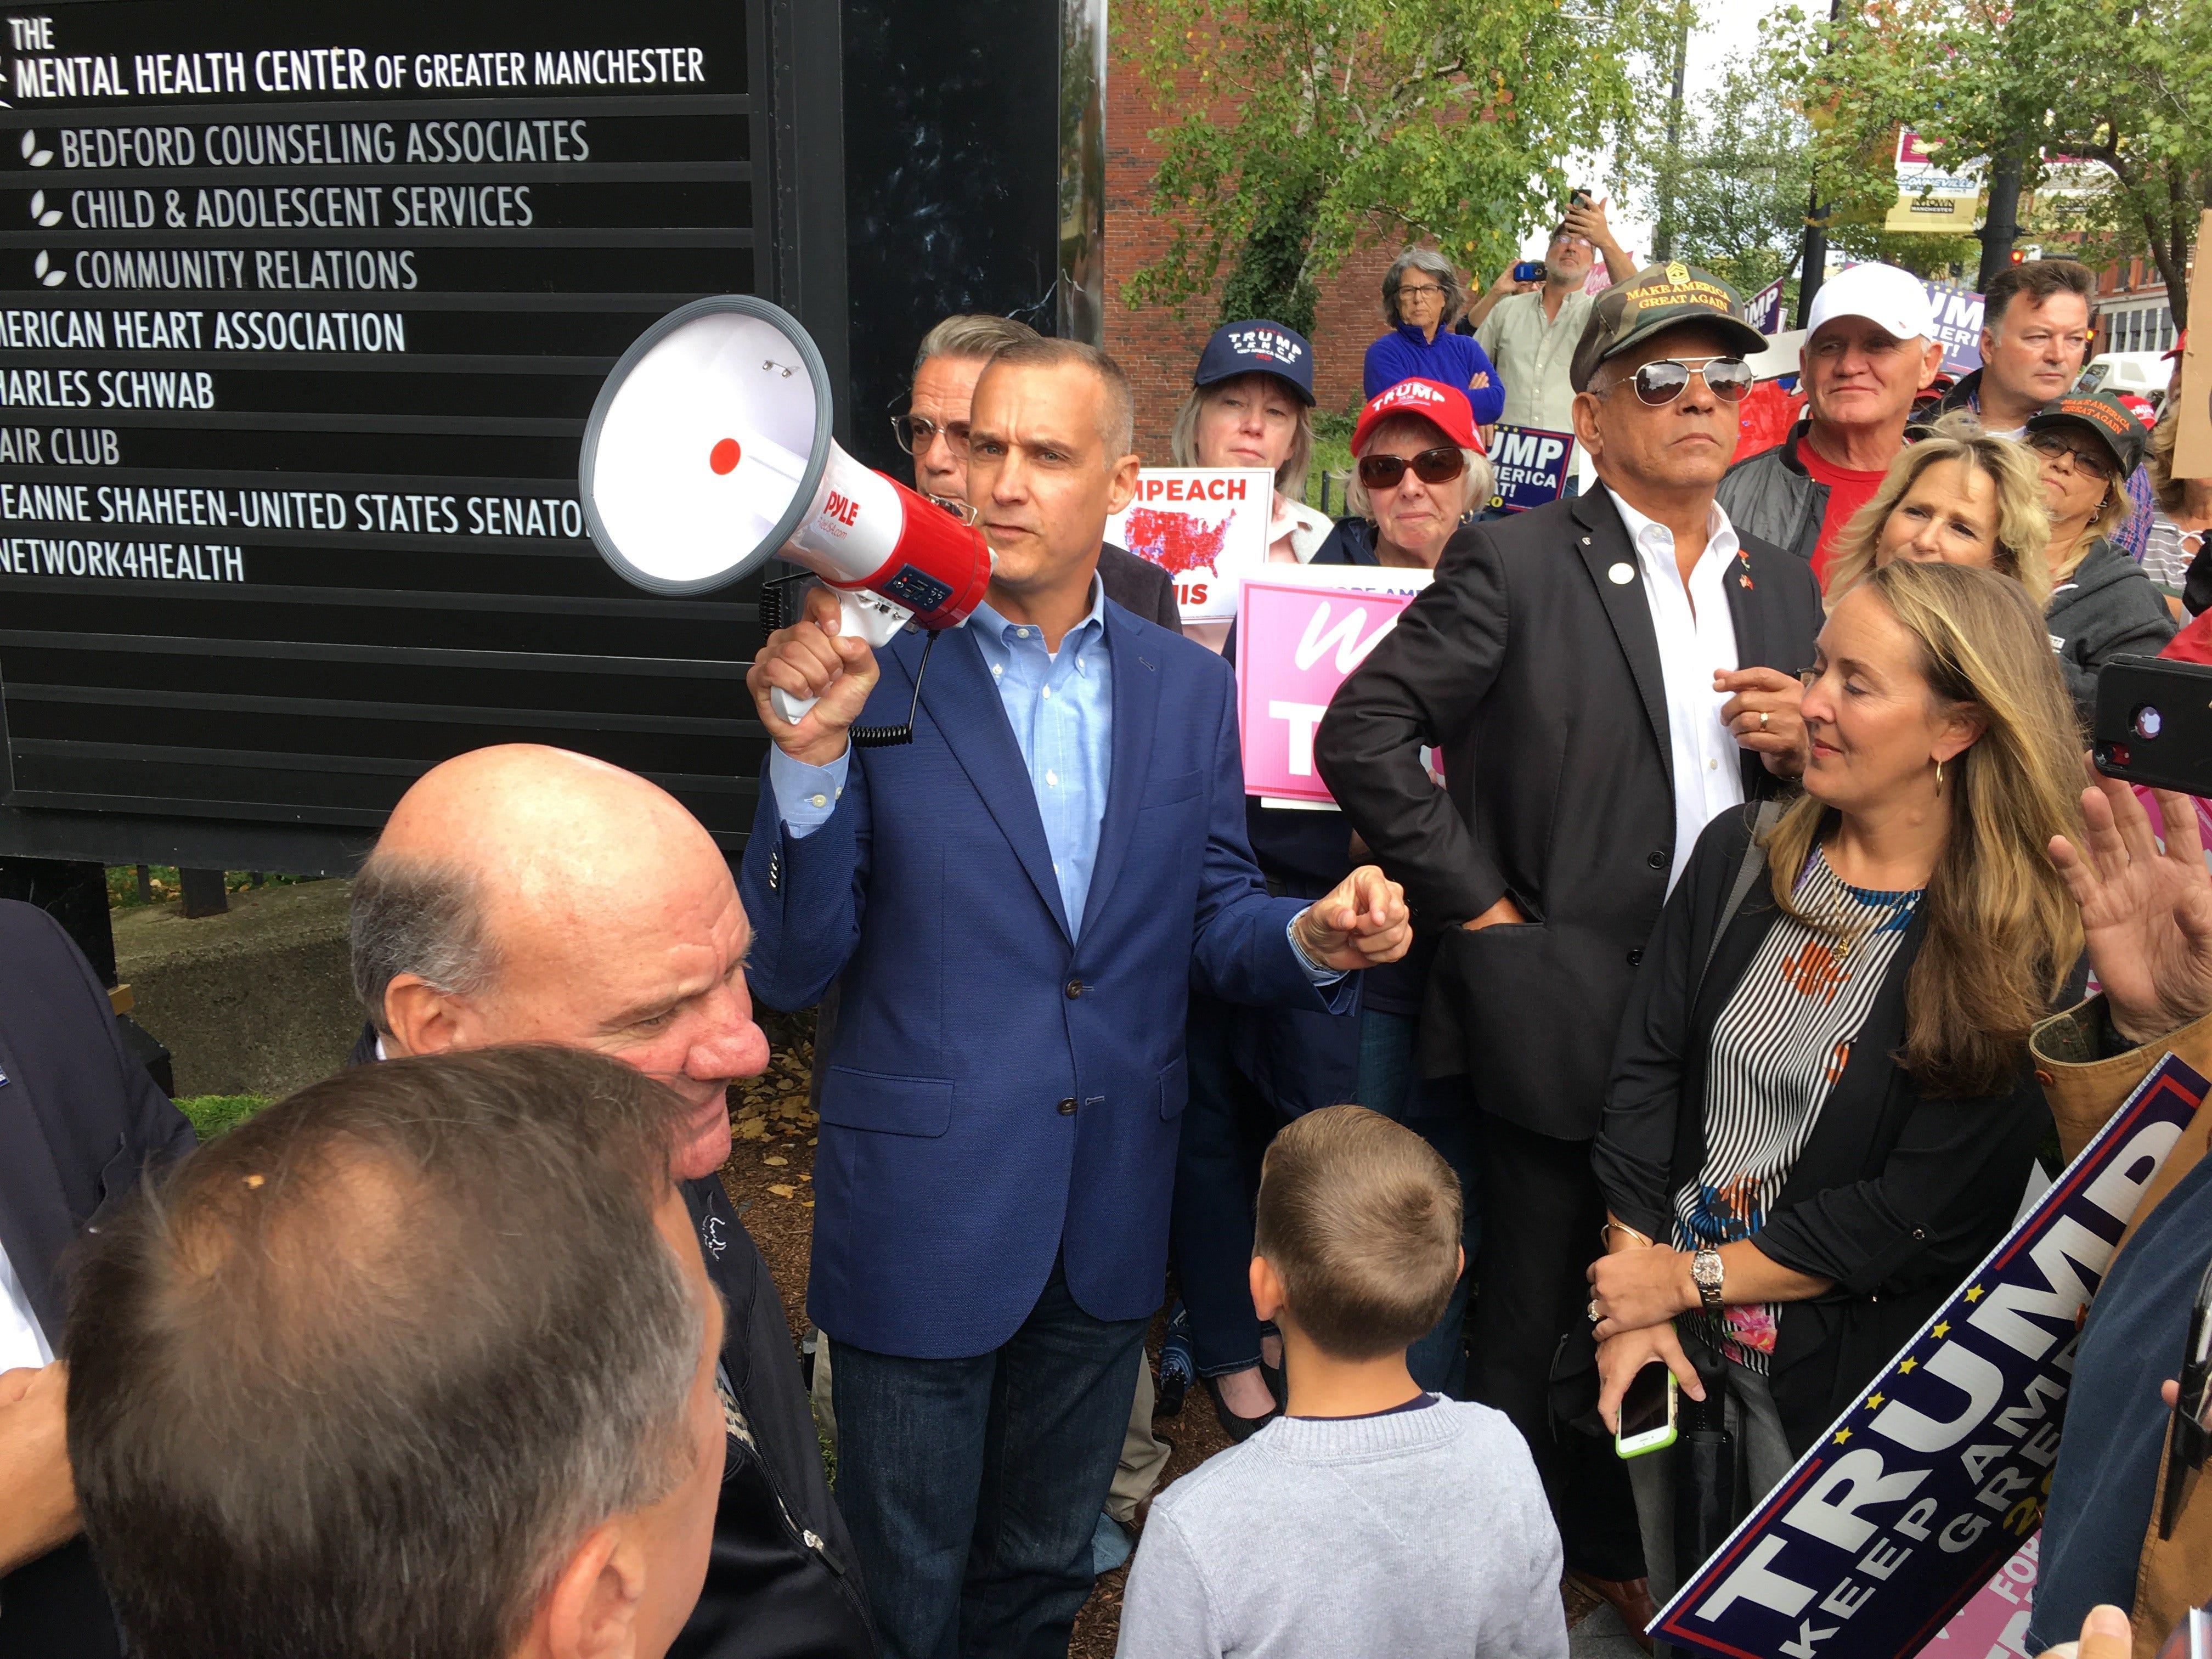 Lewandowski slams Dems at rowdy anti-impeachment rally, claims AOC and Tlaib 'run' party